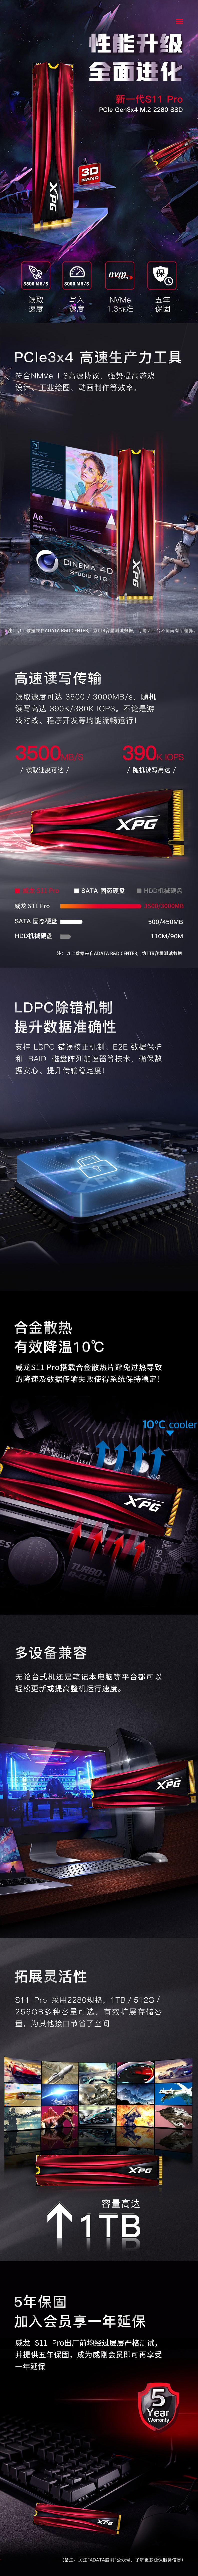 【威剛S11Pro-256GB-M